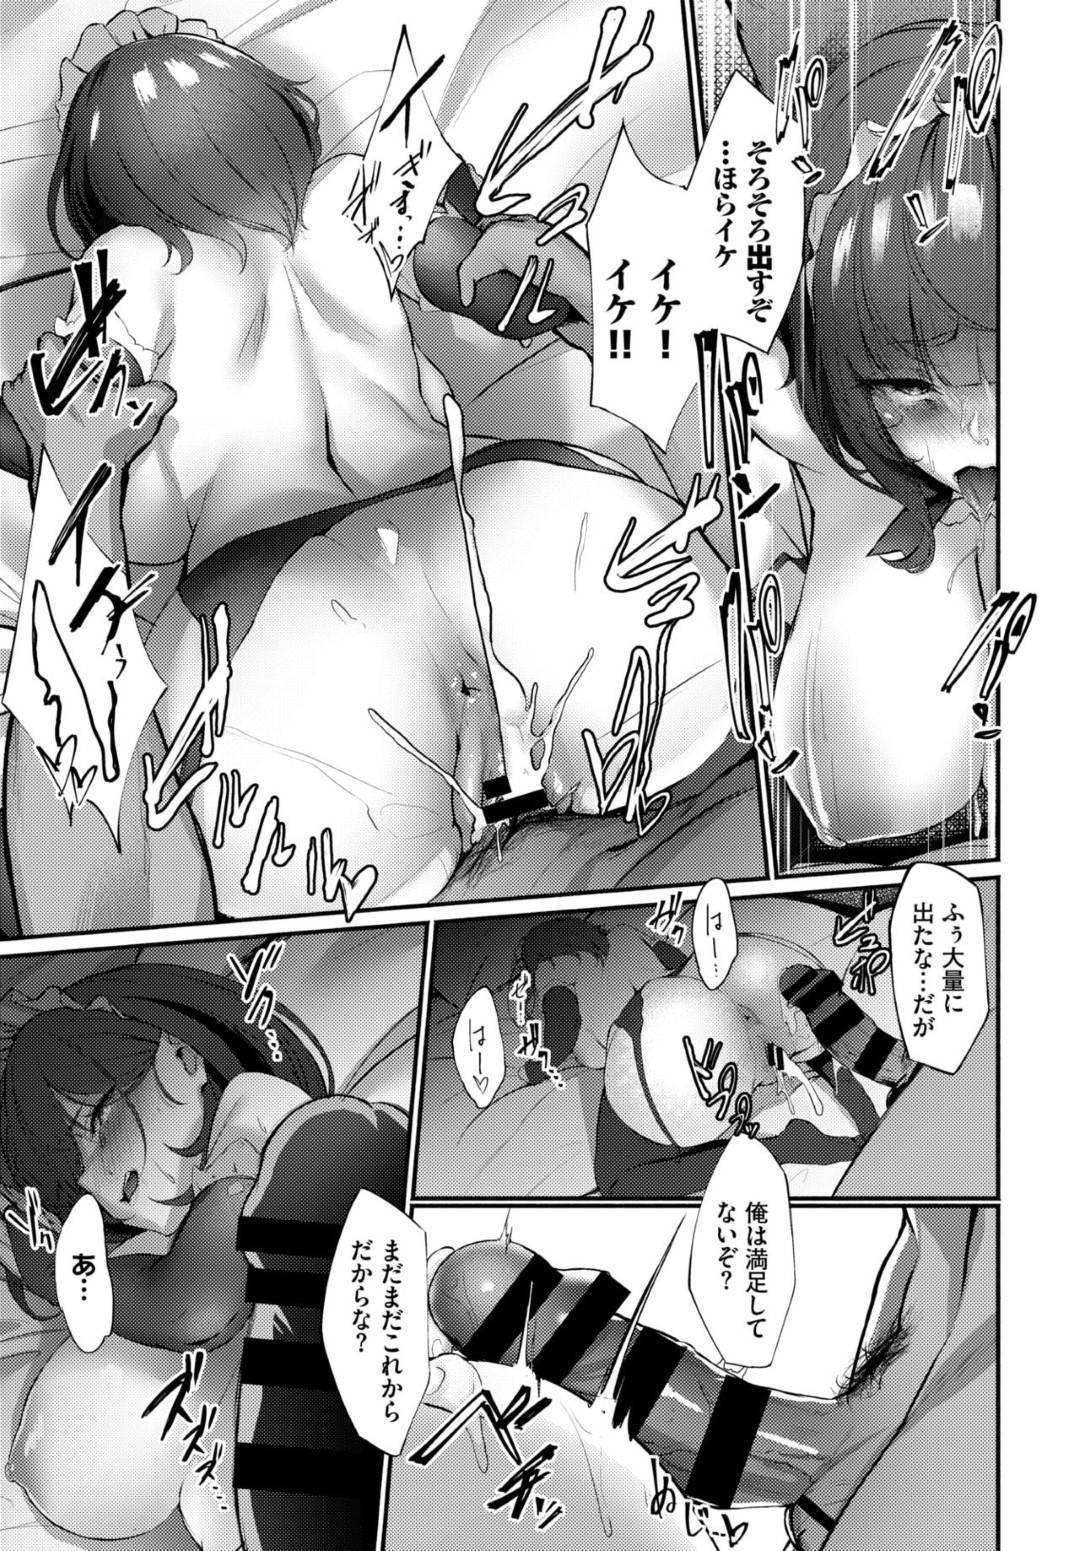 【エロ漫画】メイドを次々と犯す主人に早く自分も犯されたいと思うメイド長…ついに選ばれエロ下着で連続生ハメセックスしてイキまくる【黒筆ANnA:ブリーティング】